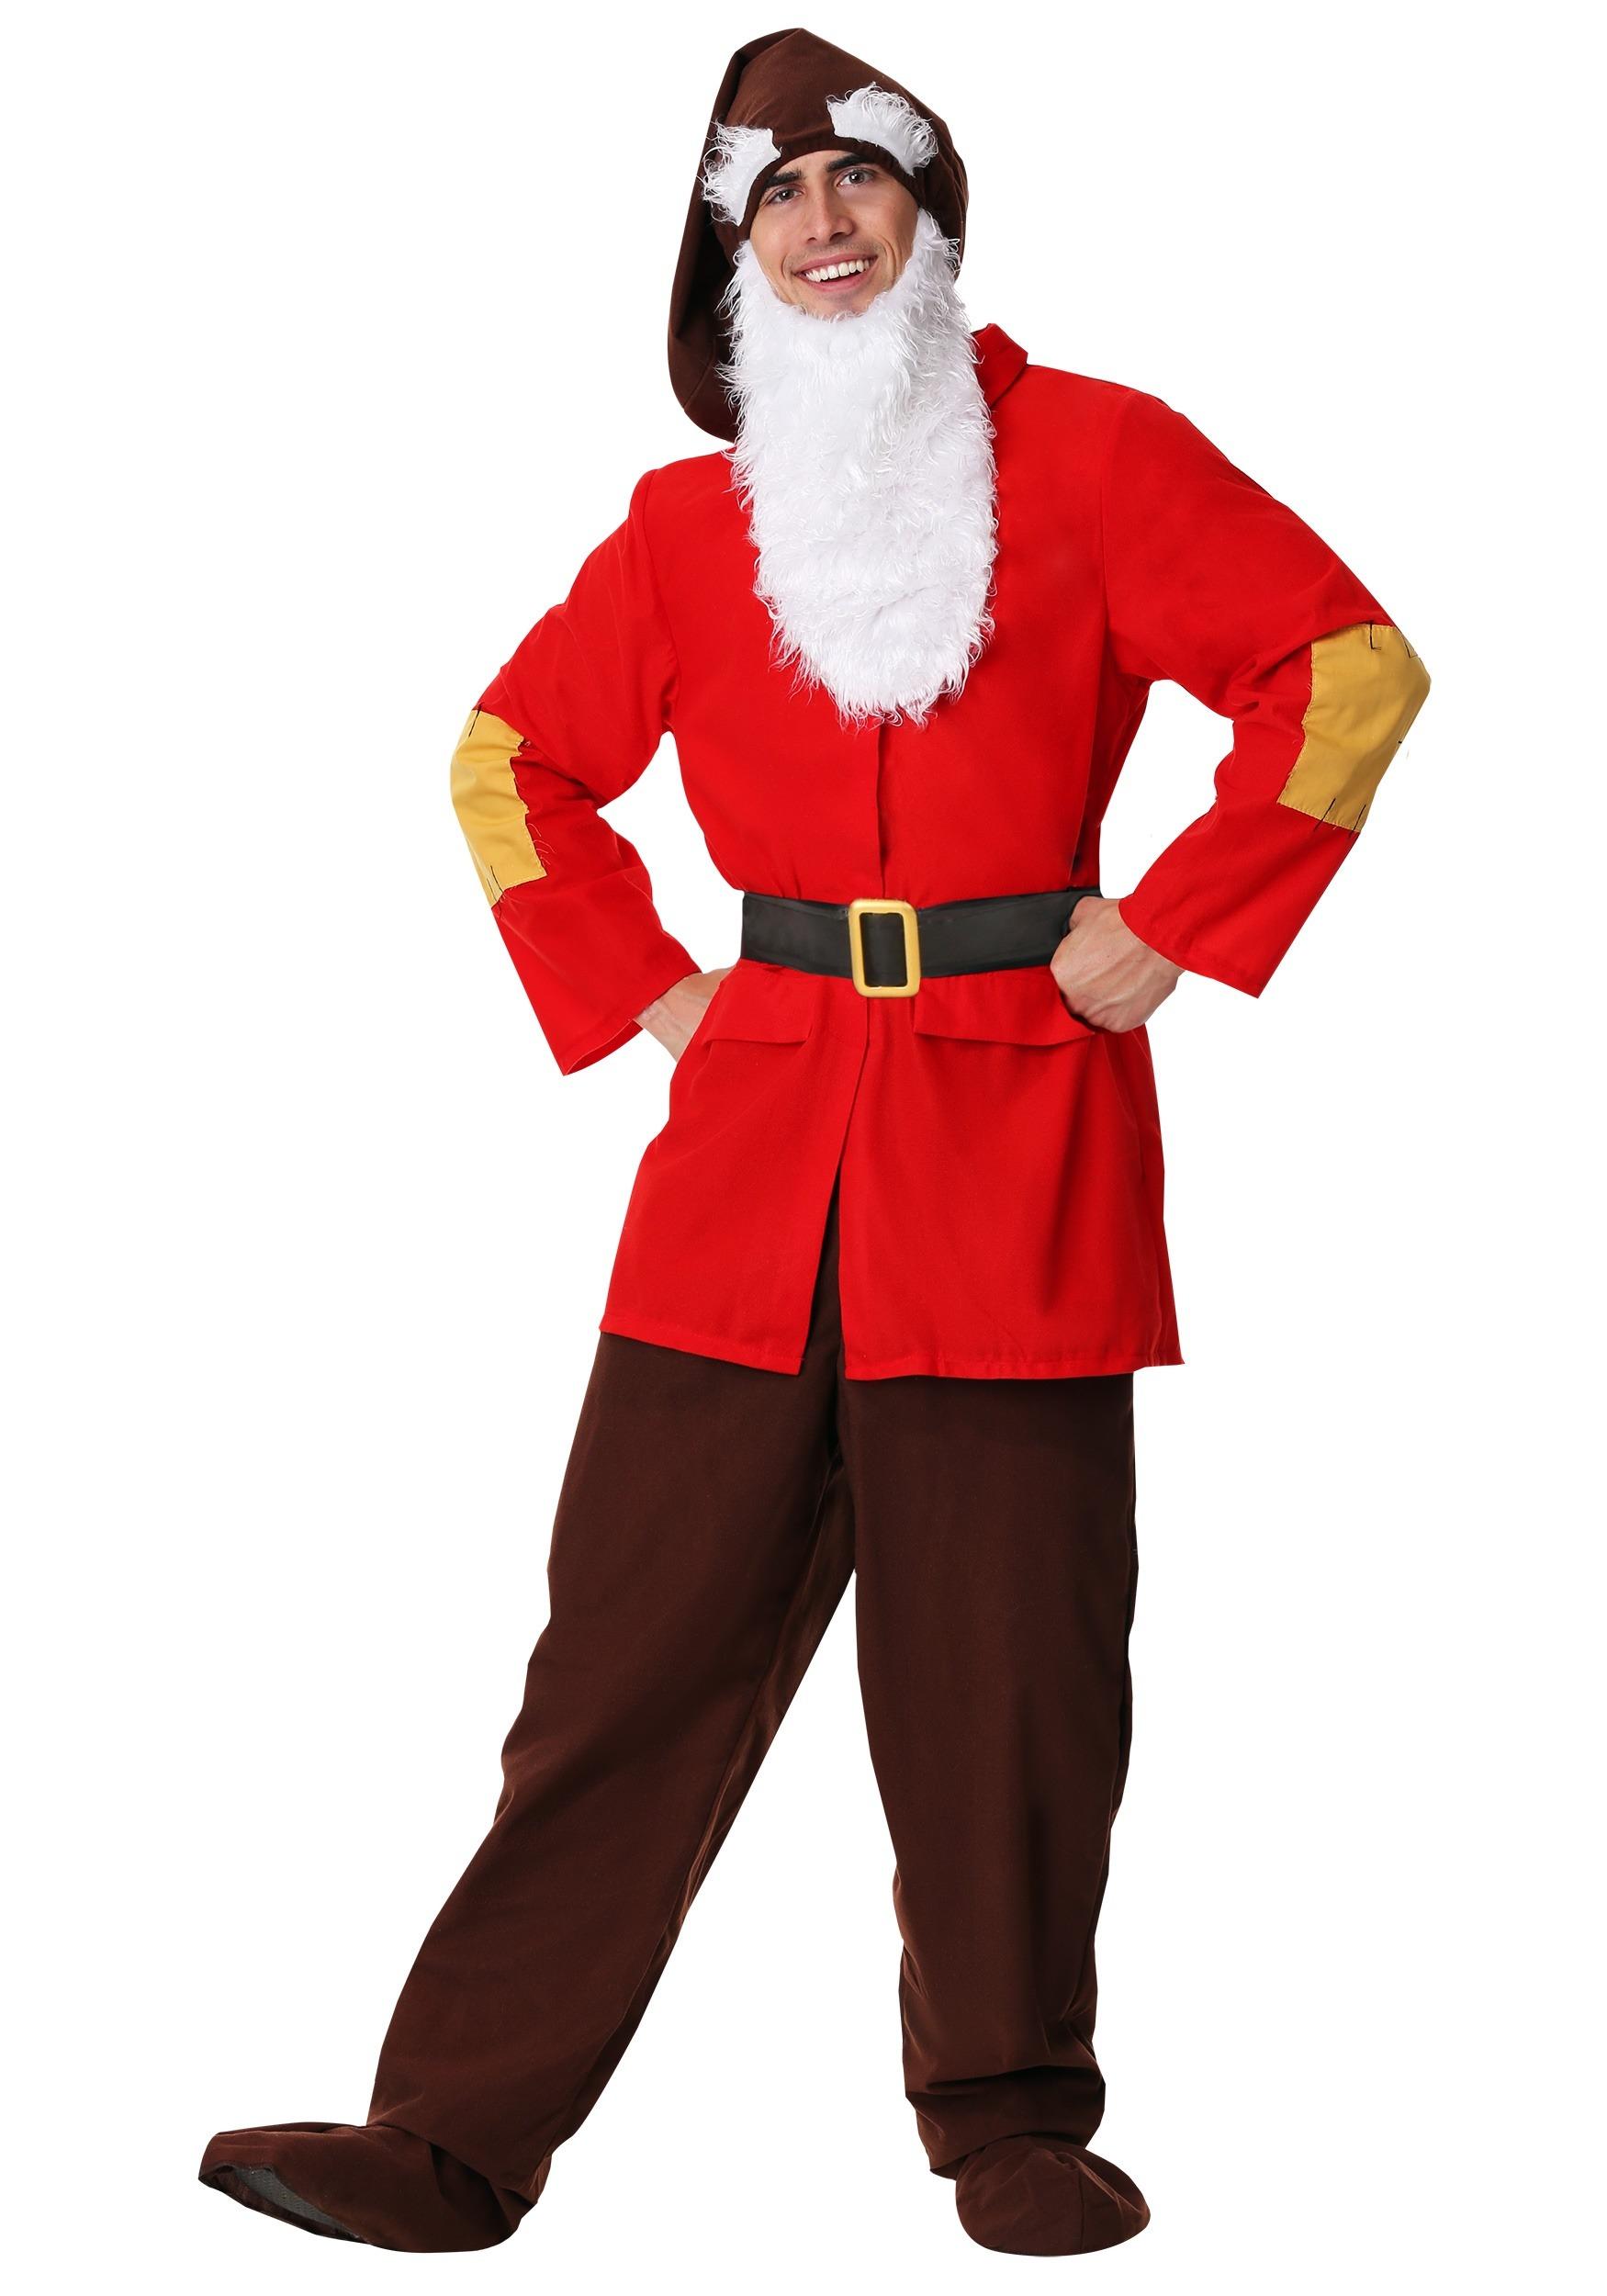 Plus Size Dwarf Costume 2X 3X 4X 5X